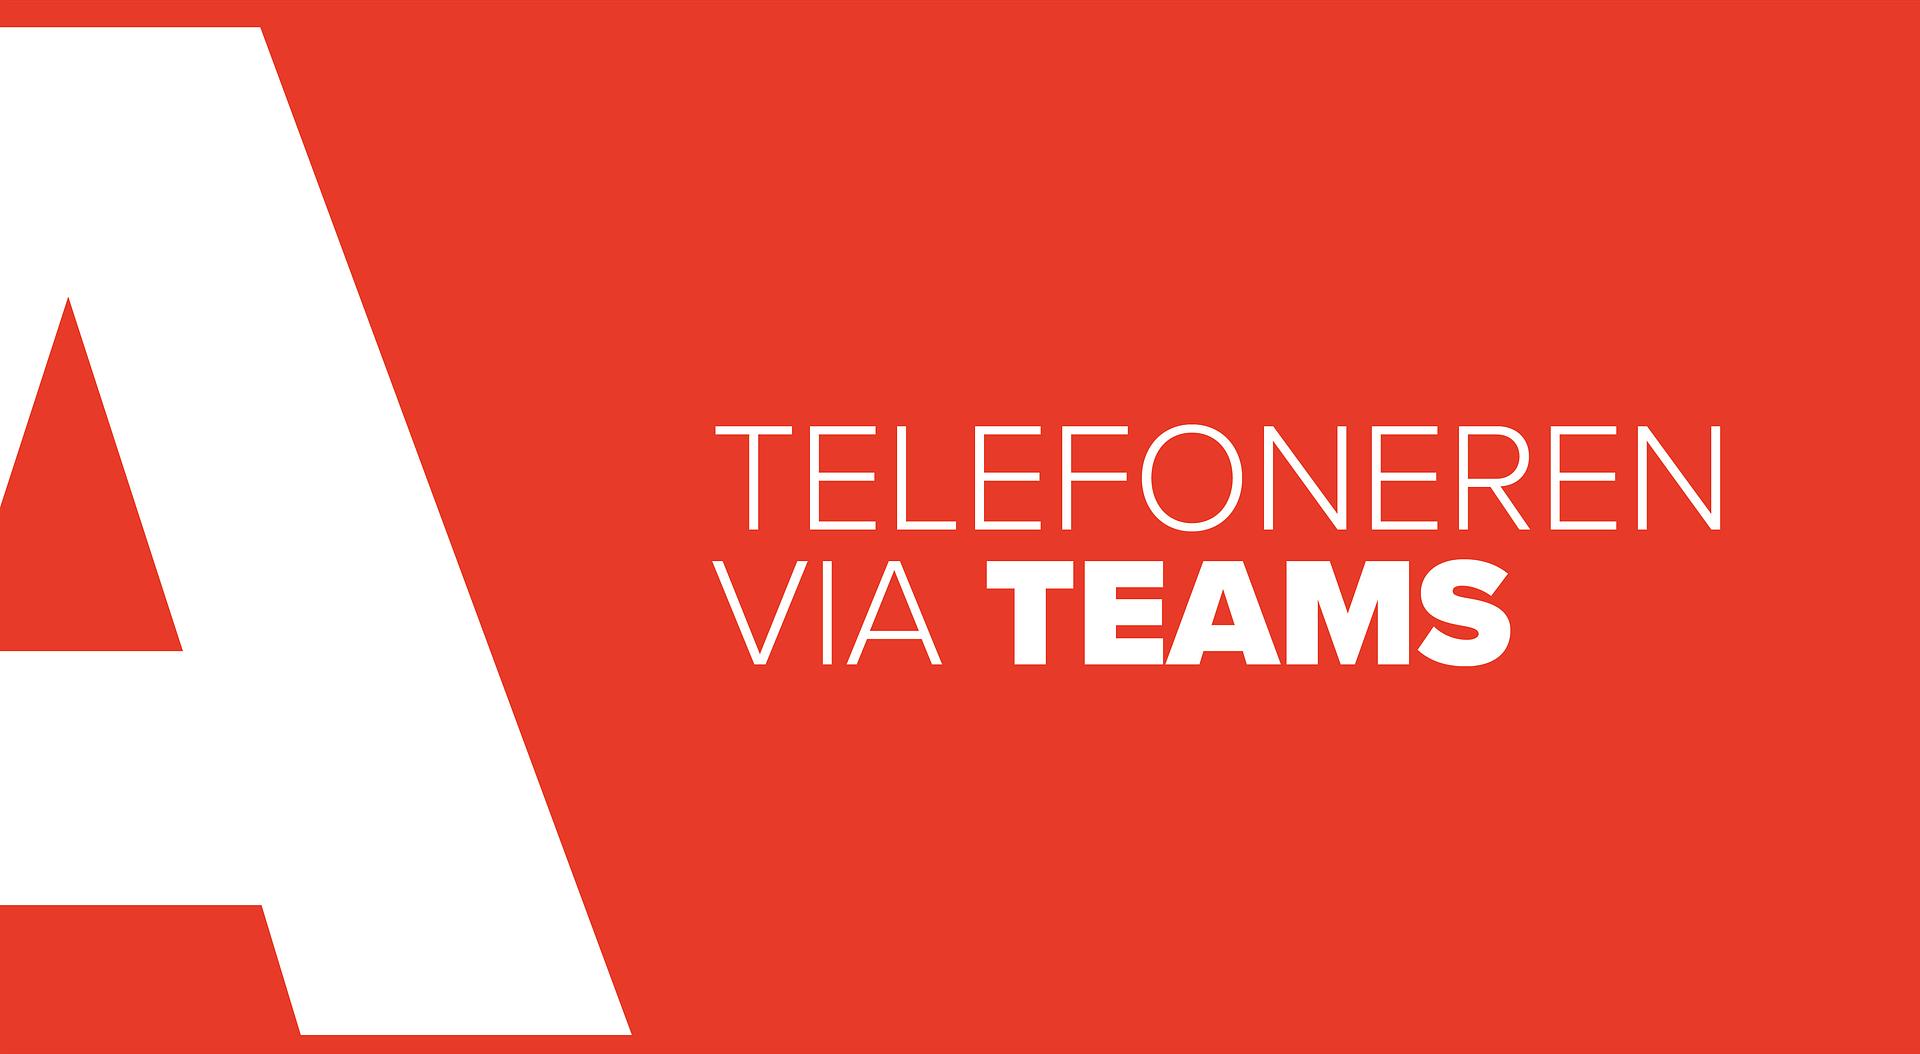 Calling via Teams